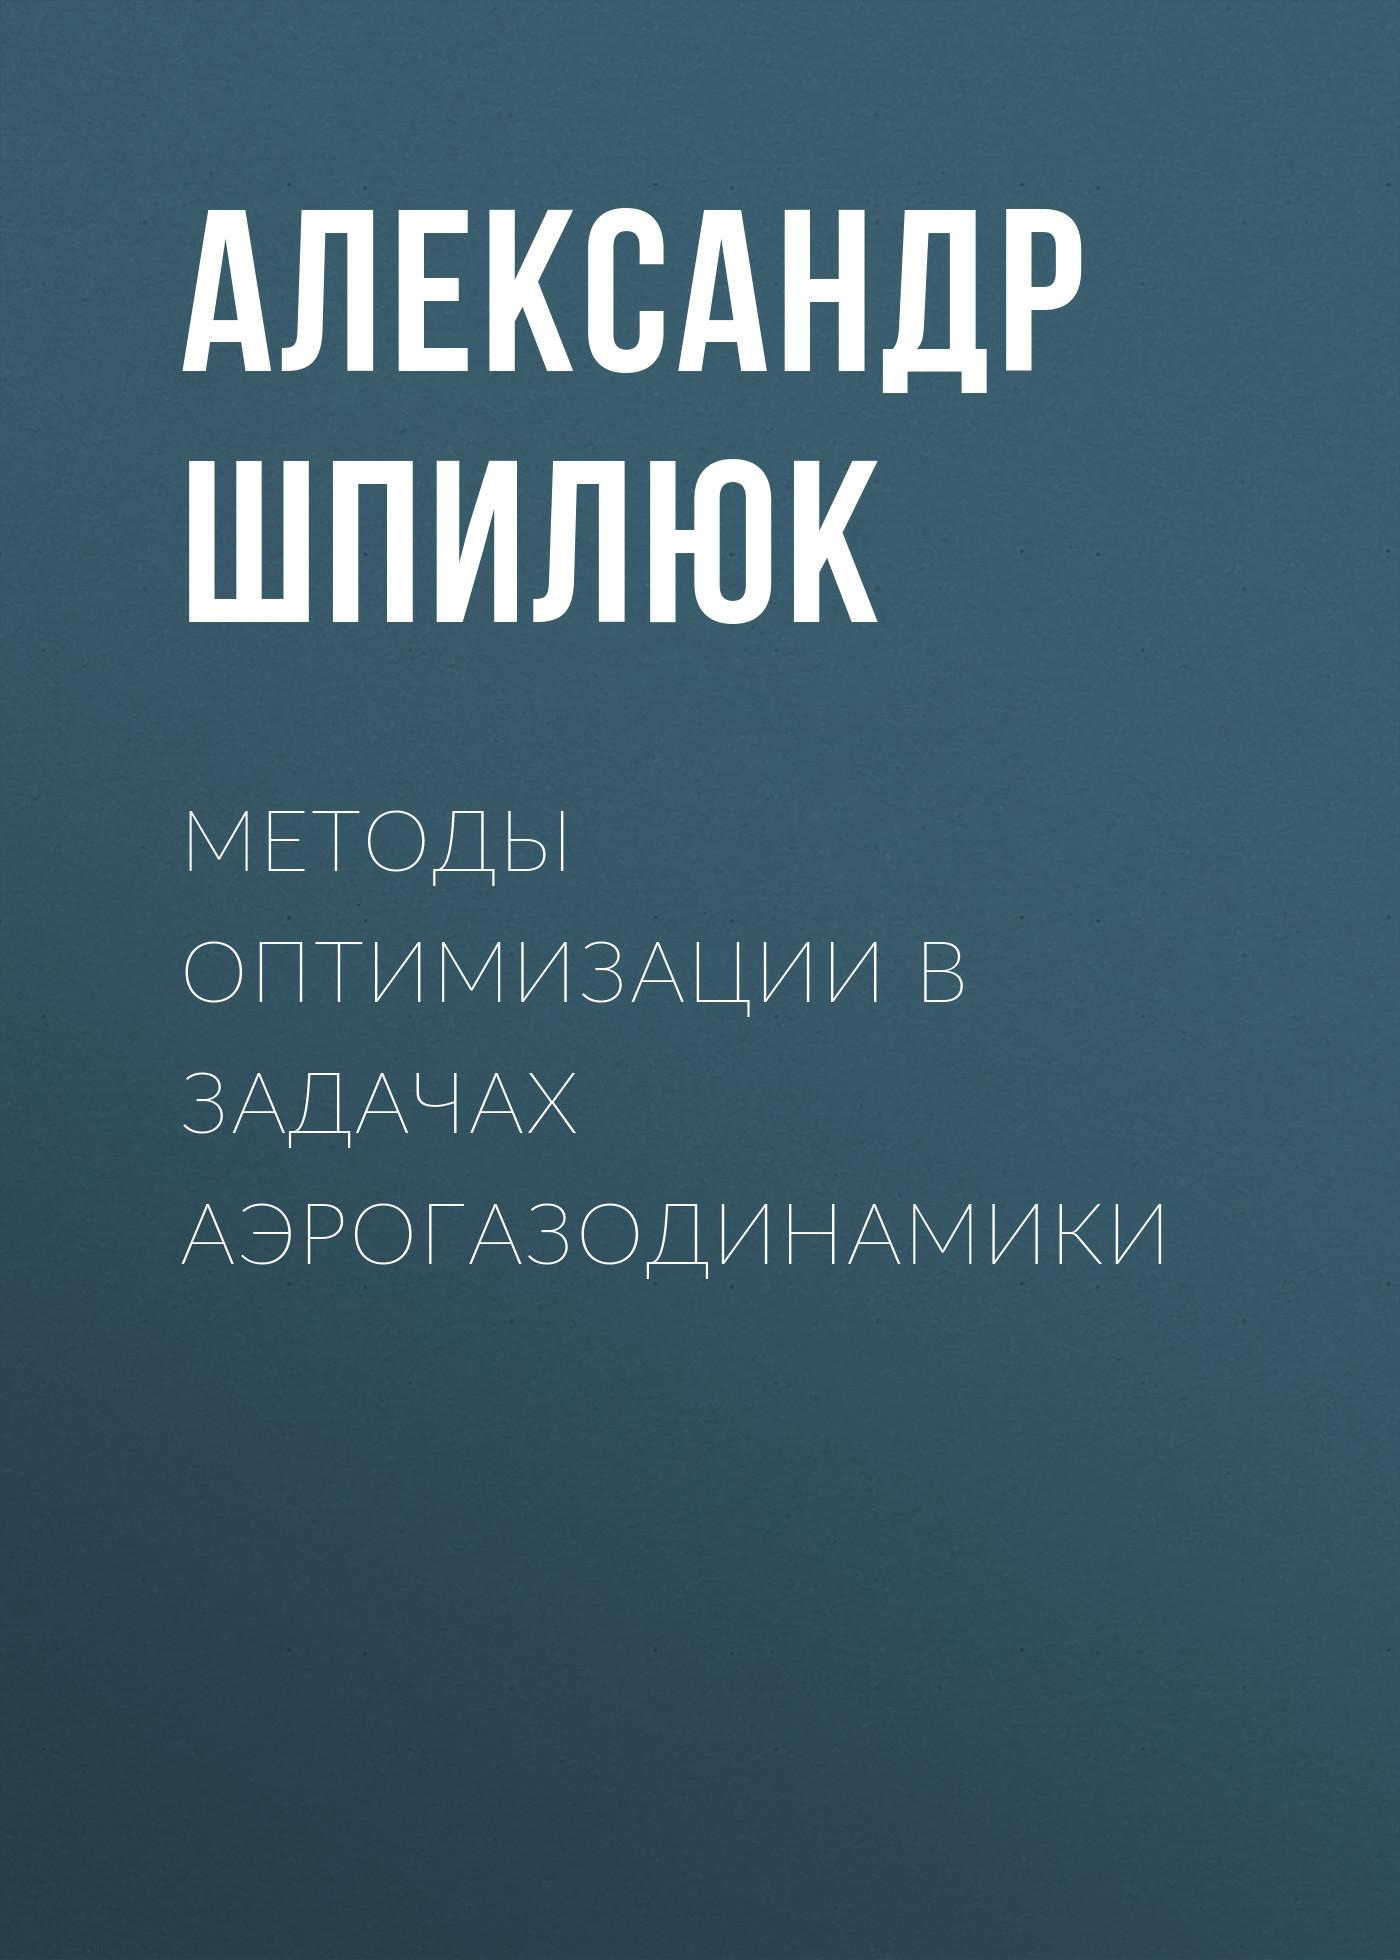 Обложка книги Методы оптимизации в задачах аэрогазодинамики, автор Александр Шпилюк